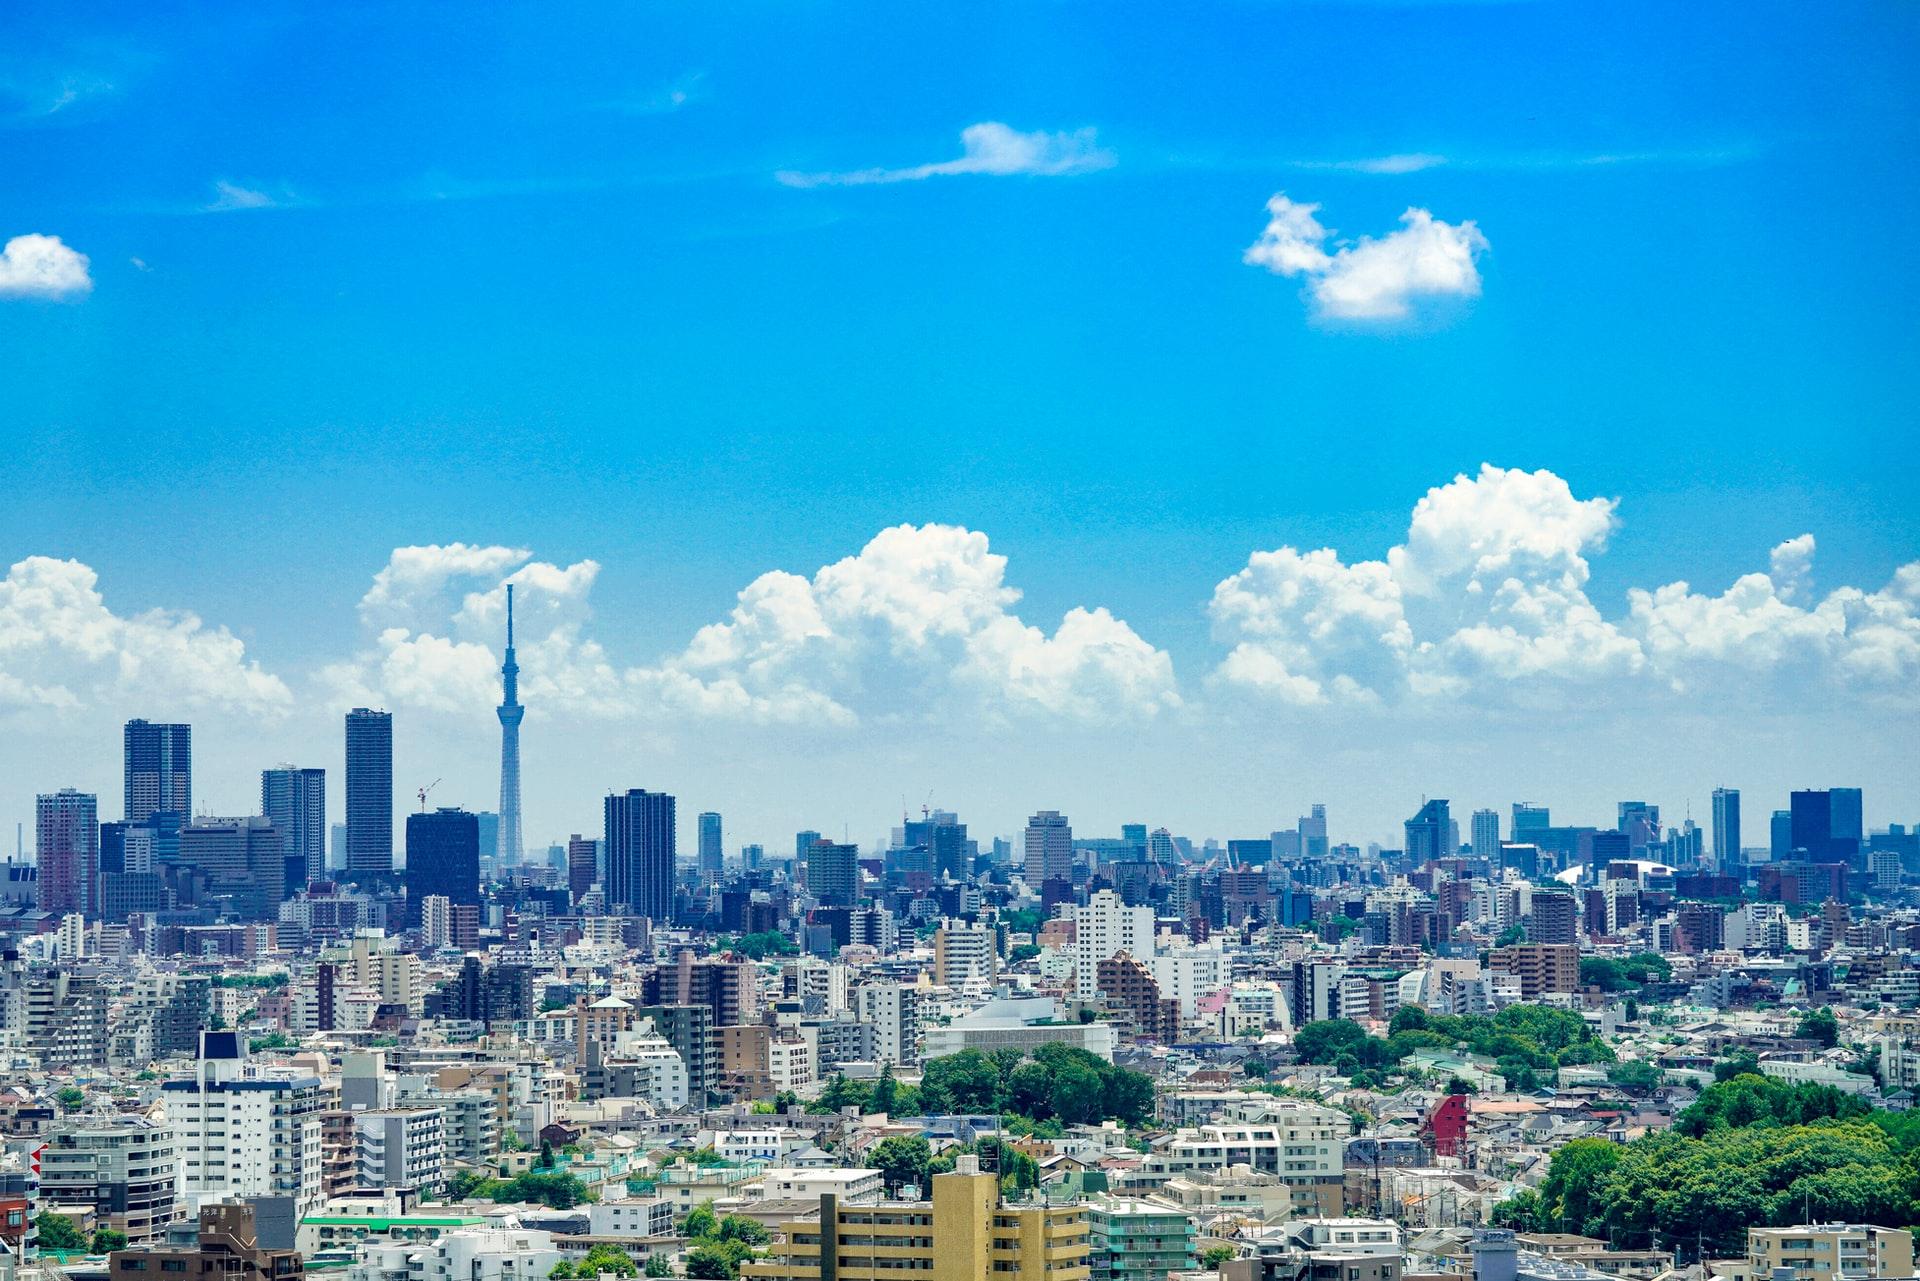 なぜコロナ禍の今東京の不動産に注目が集まっているのか?